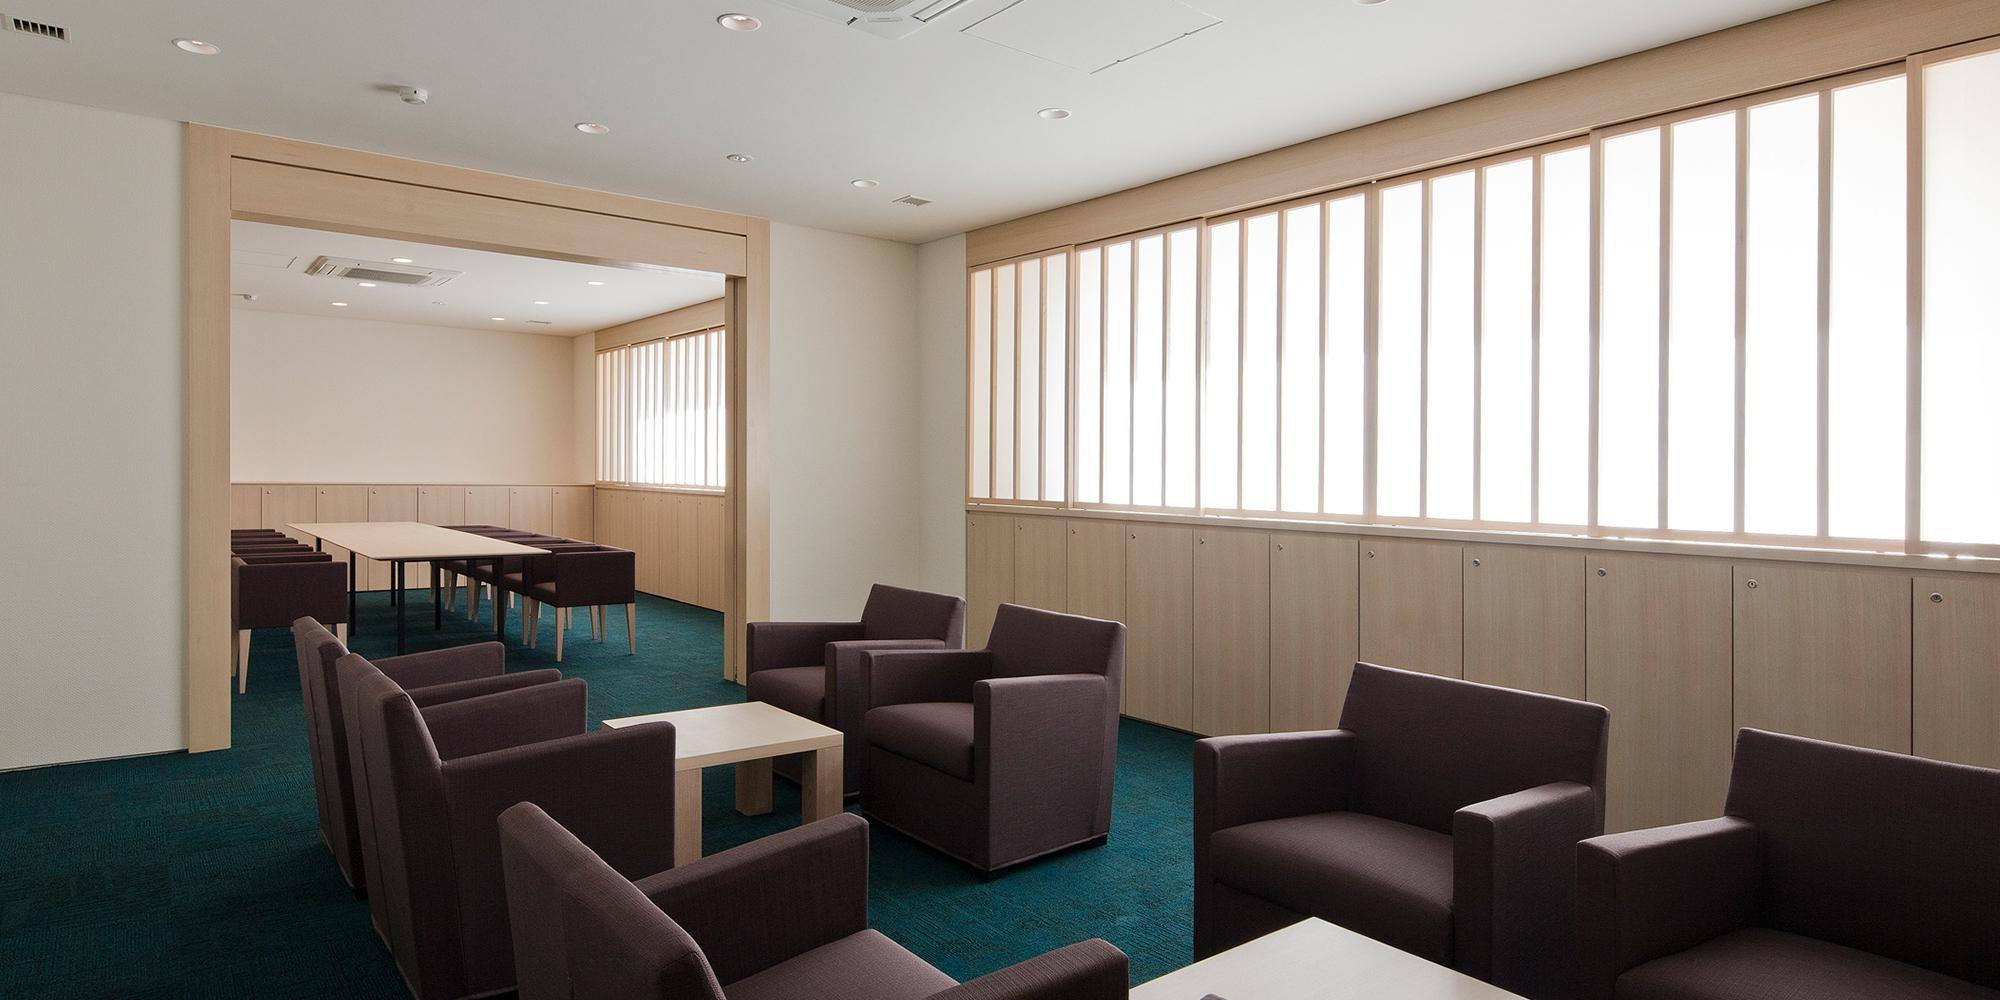 佐藤建築事務所「旧日銀岡山支店金庫棟改修」